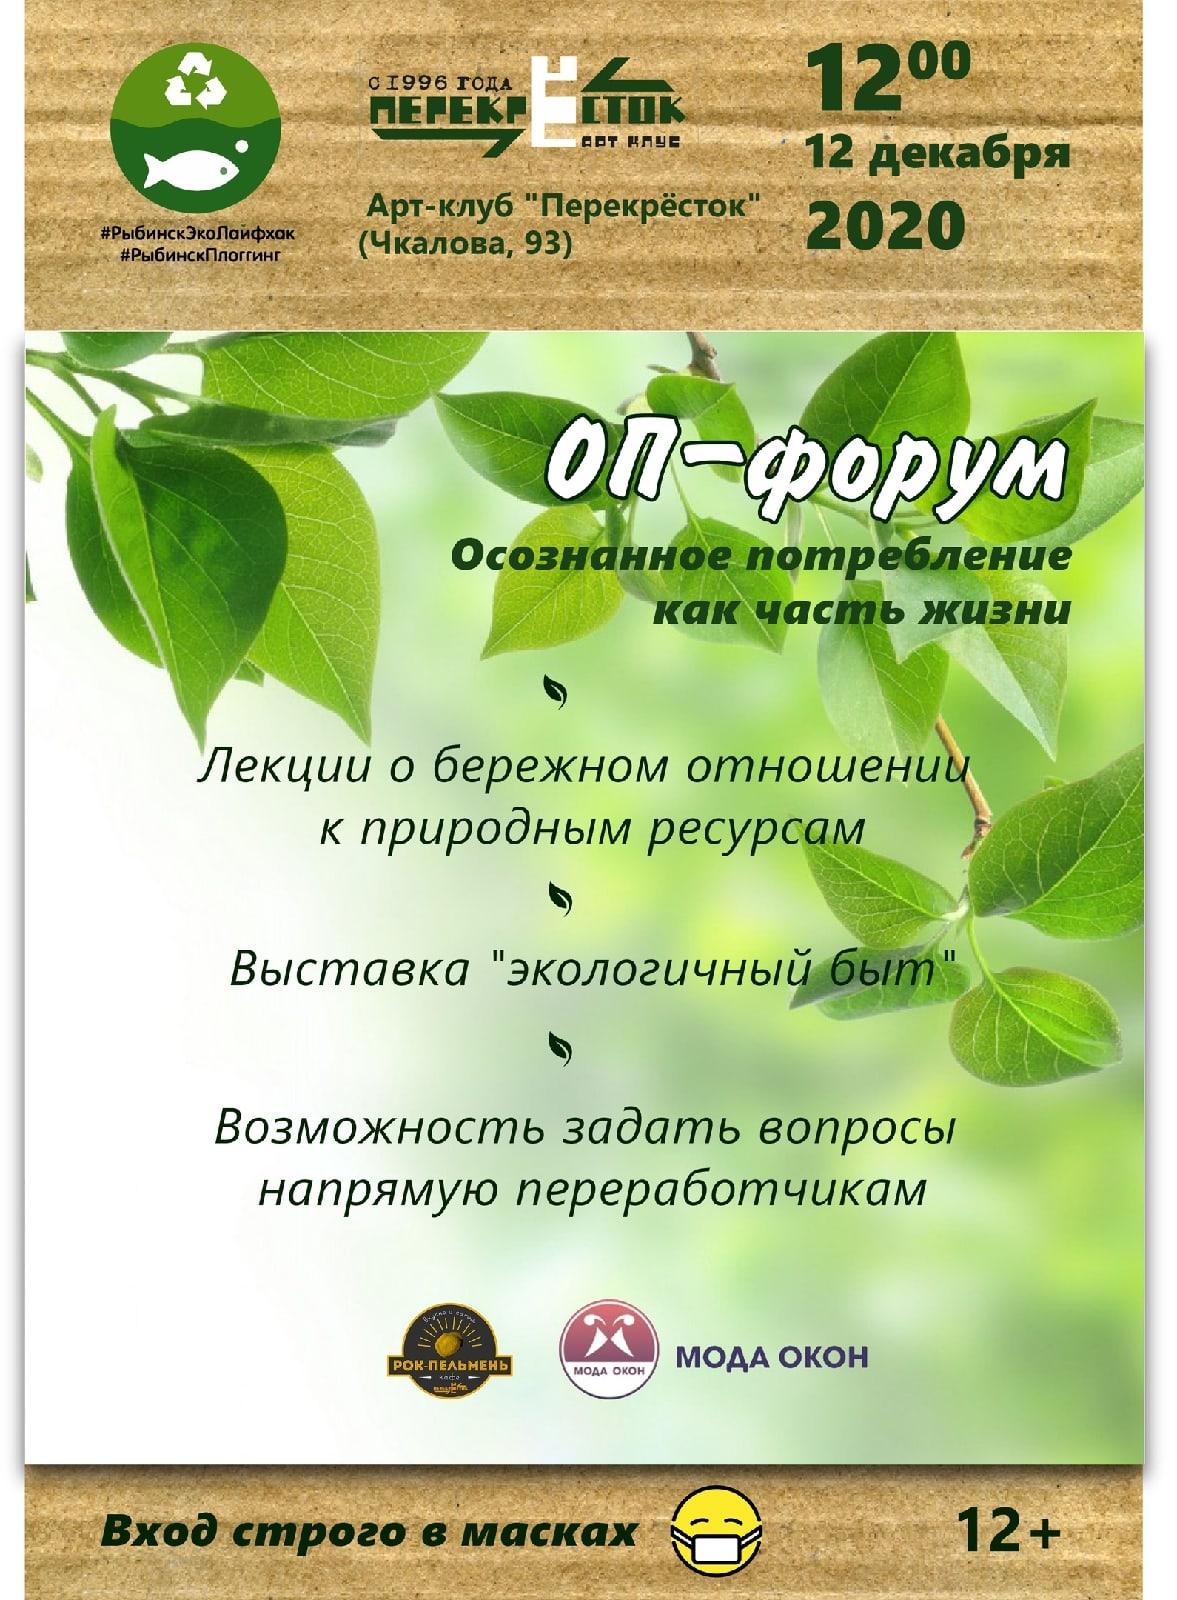 ОП-форум в Рыбинске Осознанное потребление как часть жизни